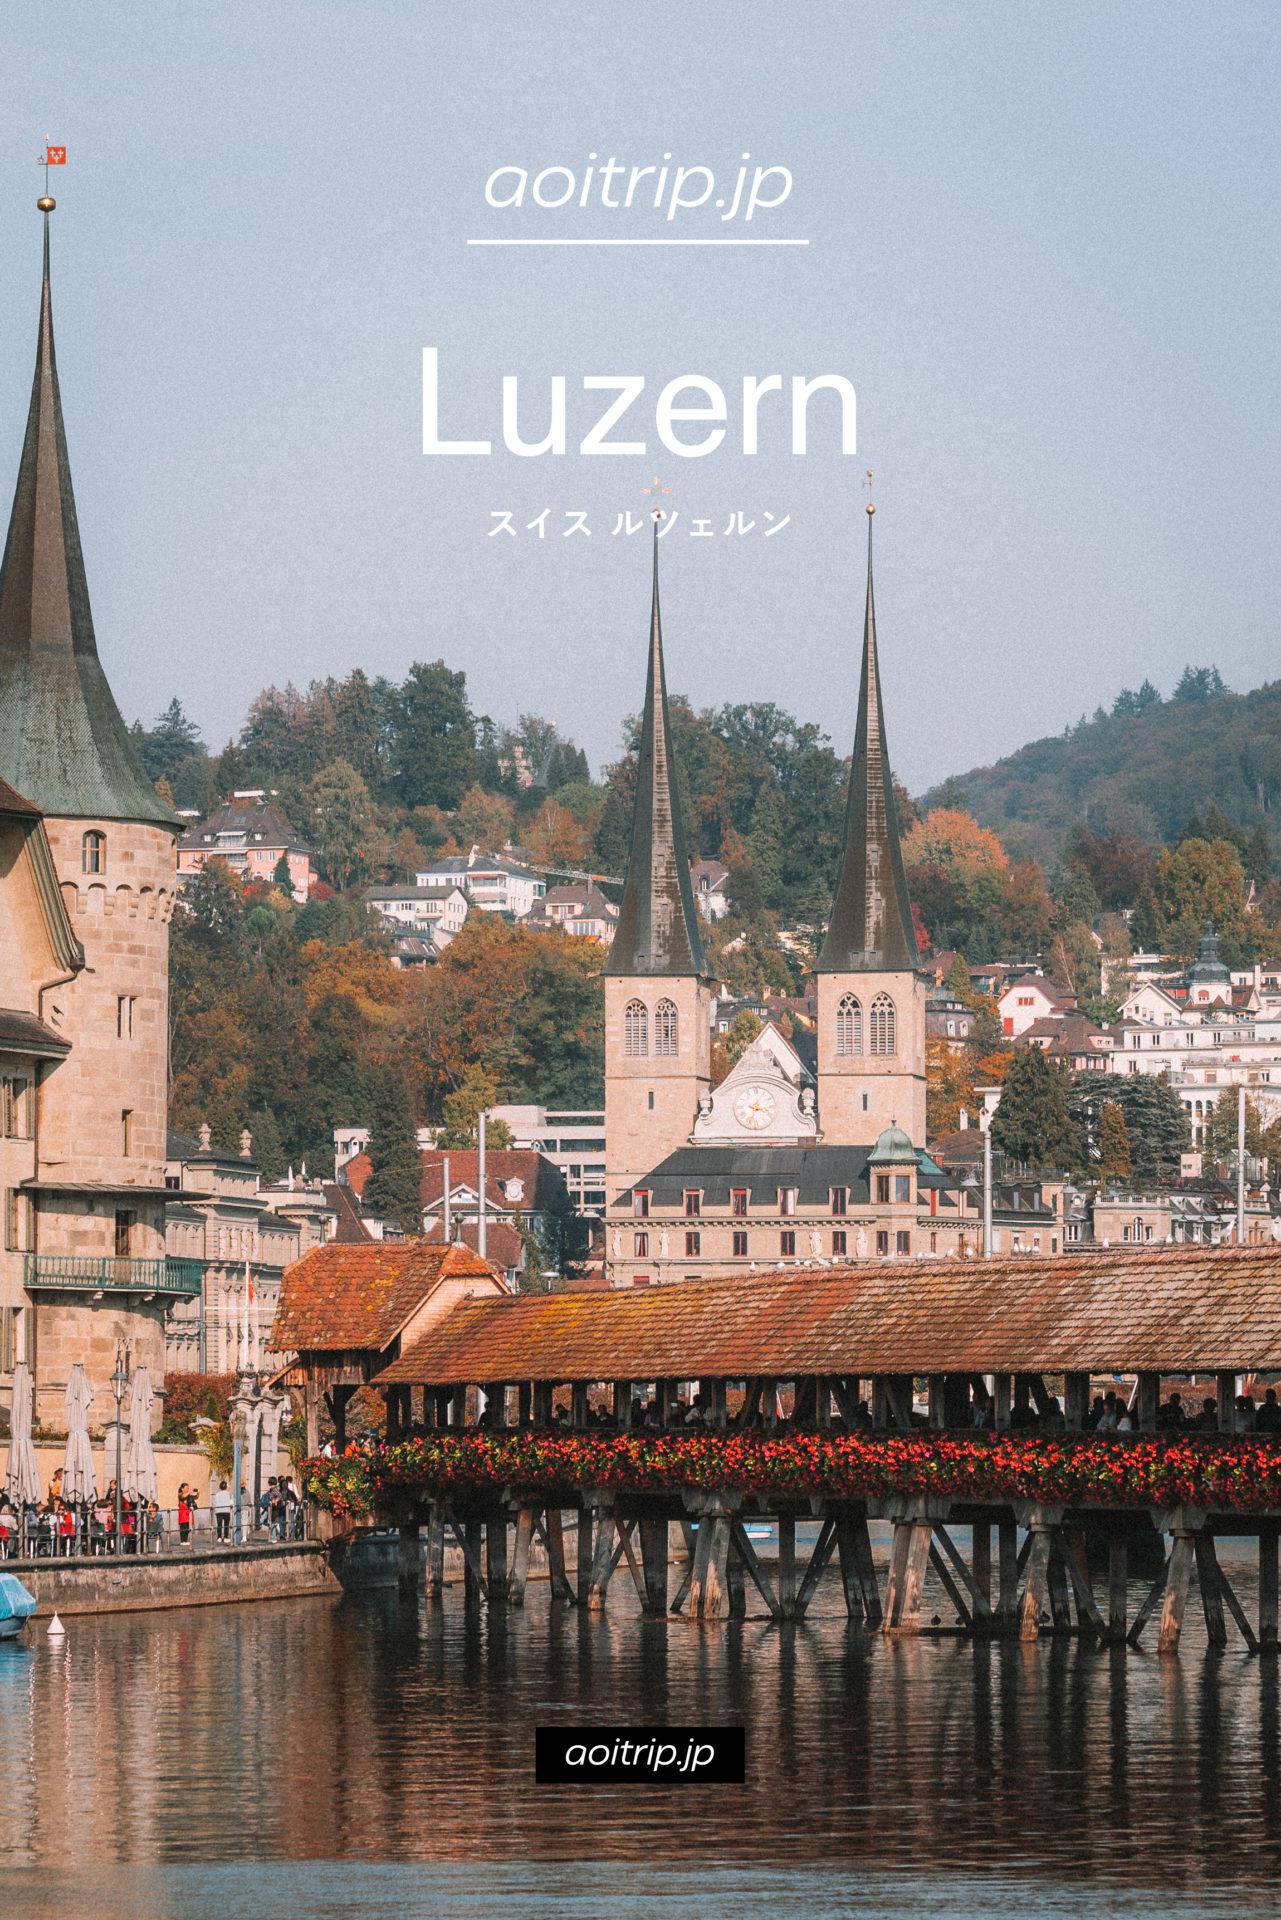 スイス ルツェルン観光の見どころ 旅行ガイド|Luzern Travel Guide